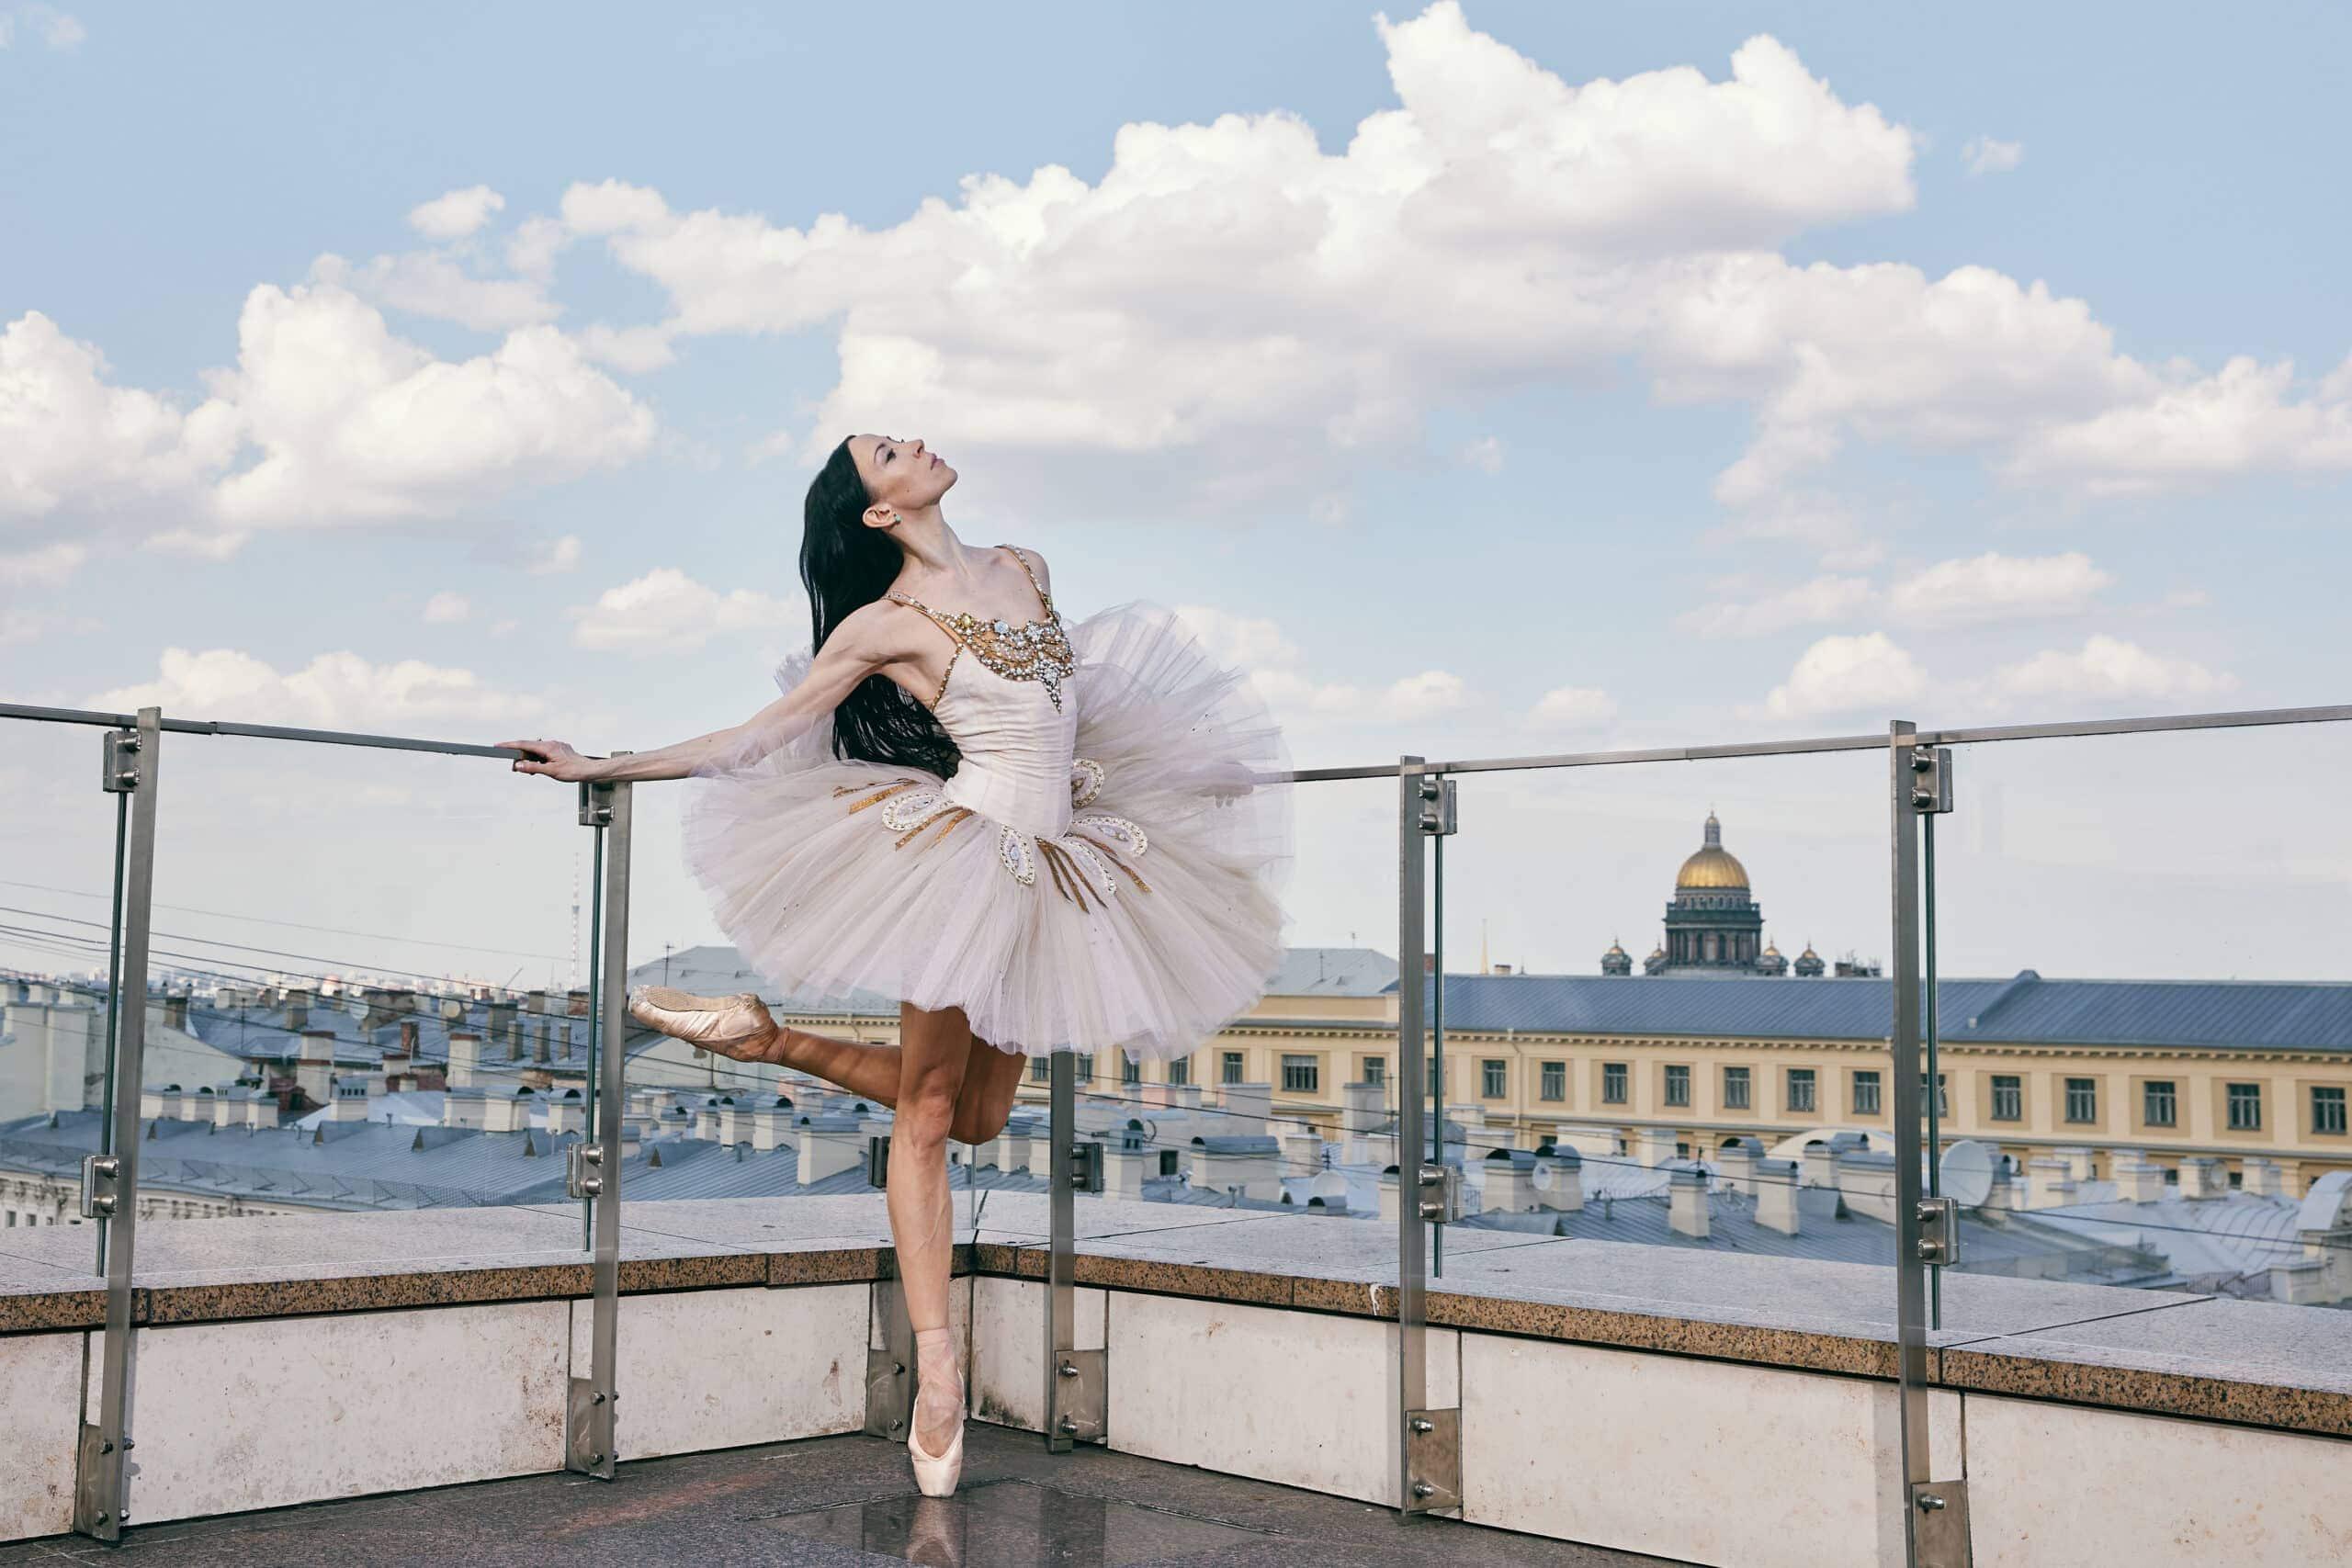 Виктория Терешкина. Фото - Михаил Вильчук